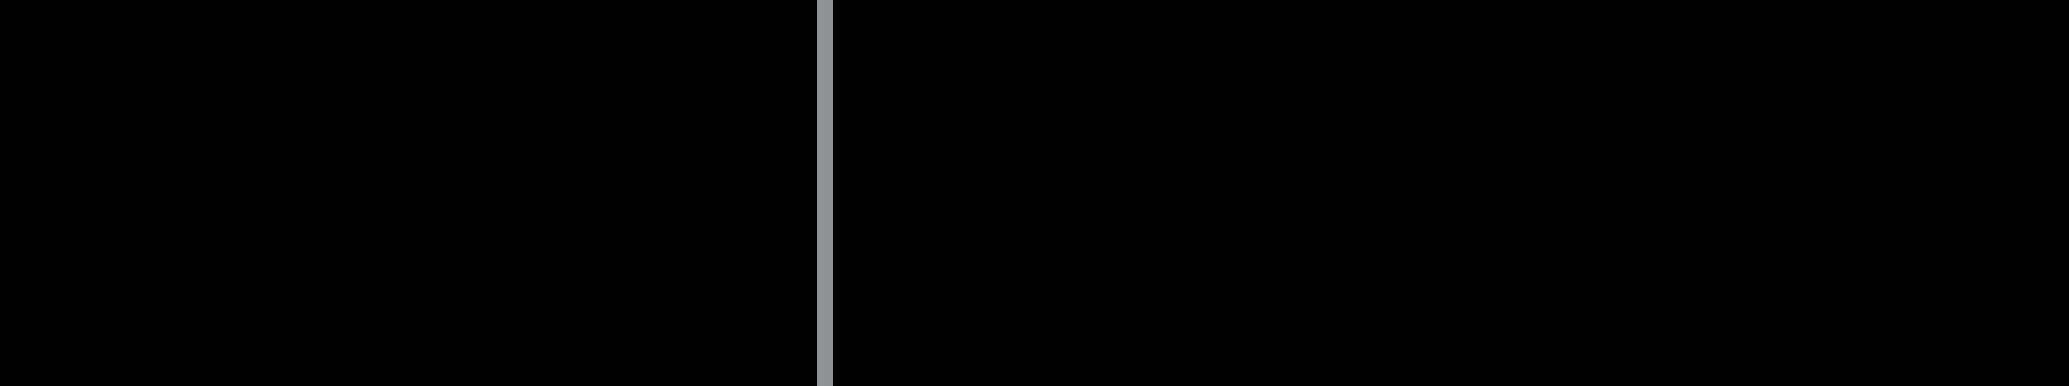 Nrk3 Logo Nrk 2020